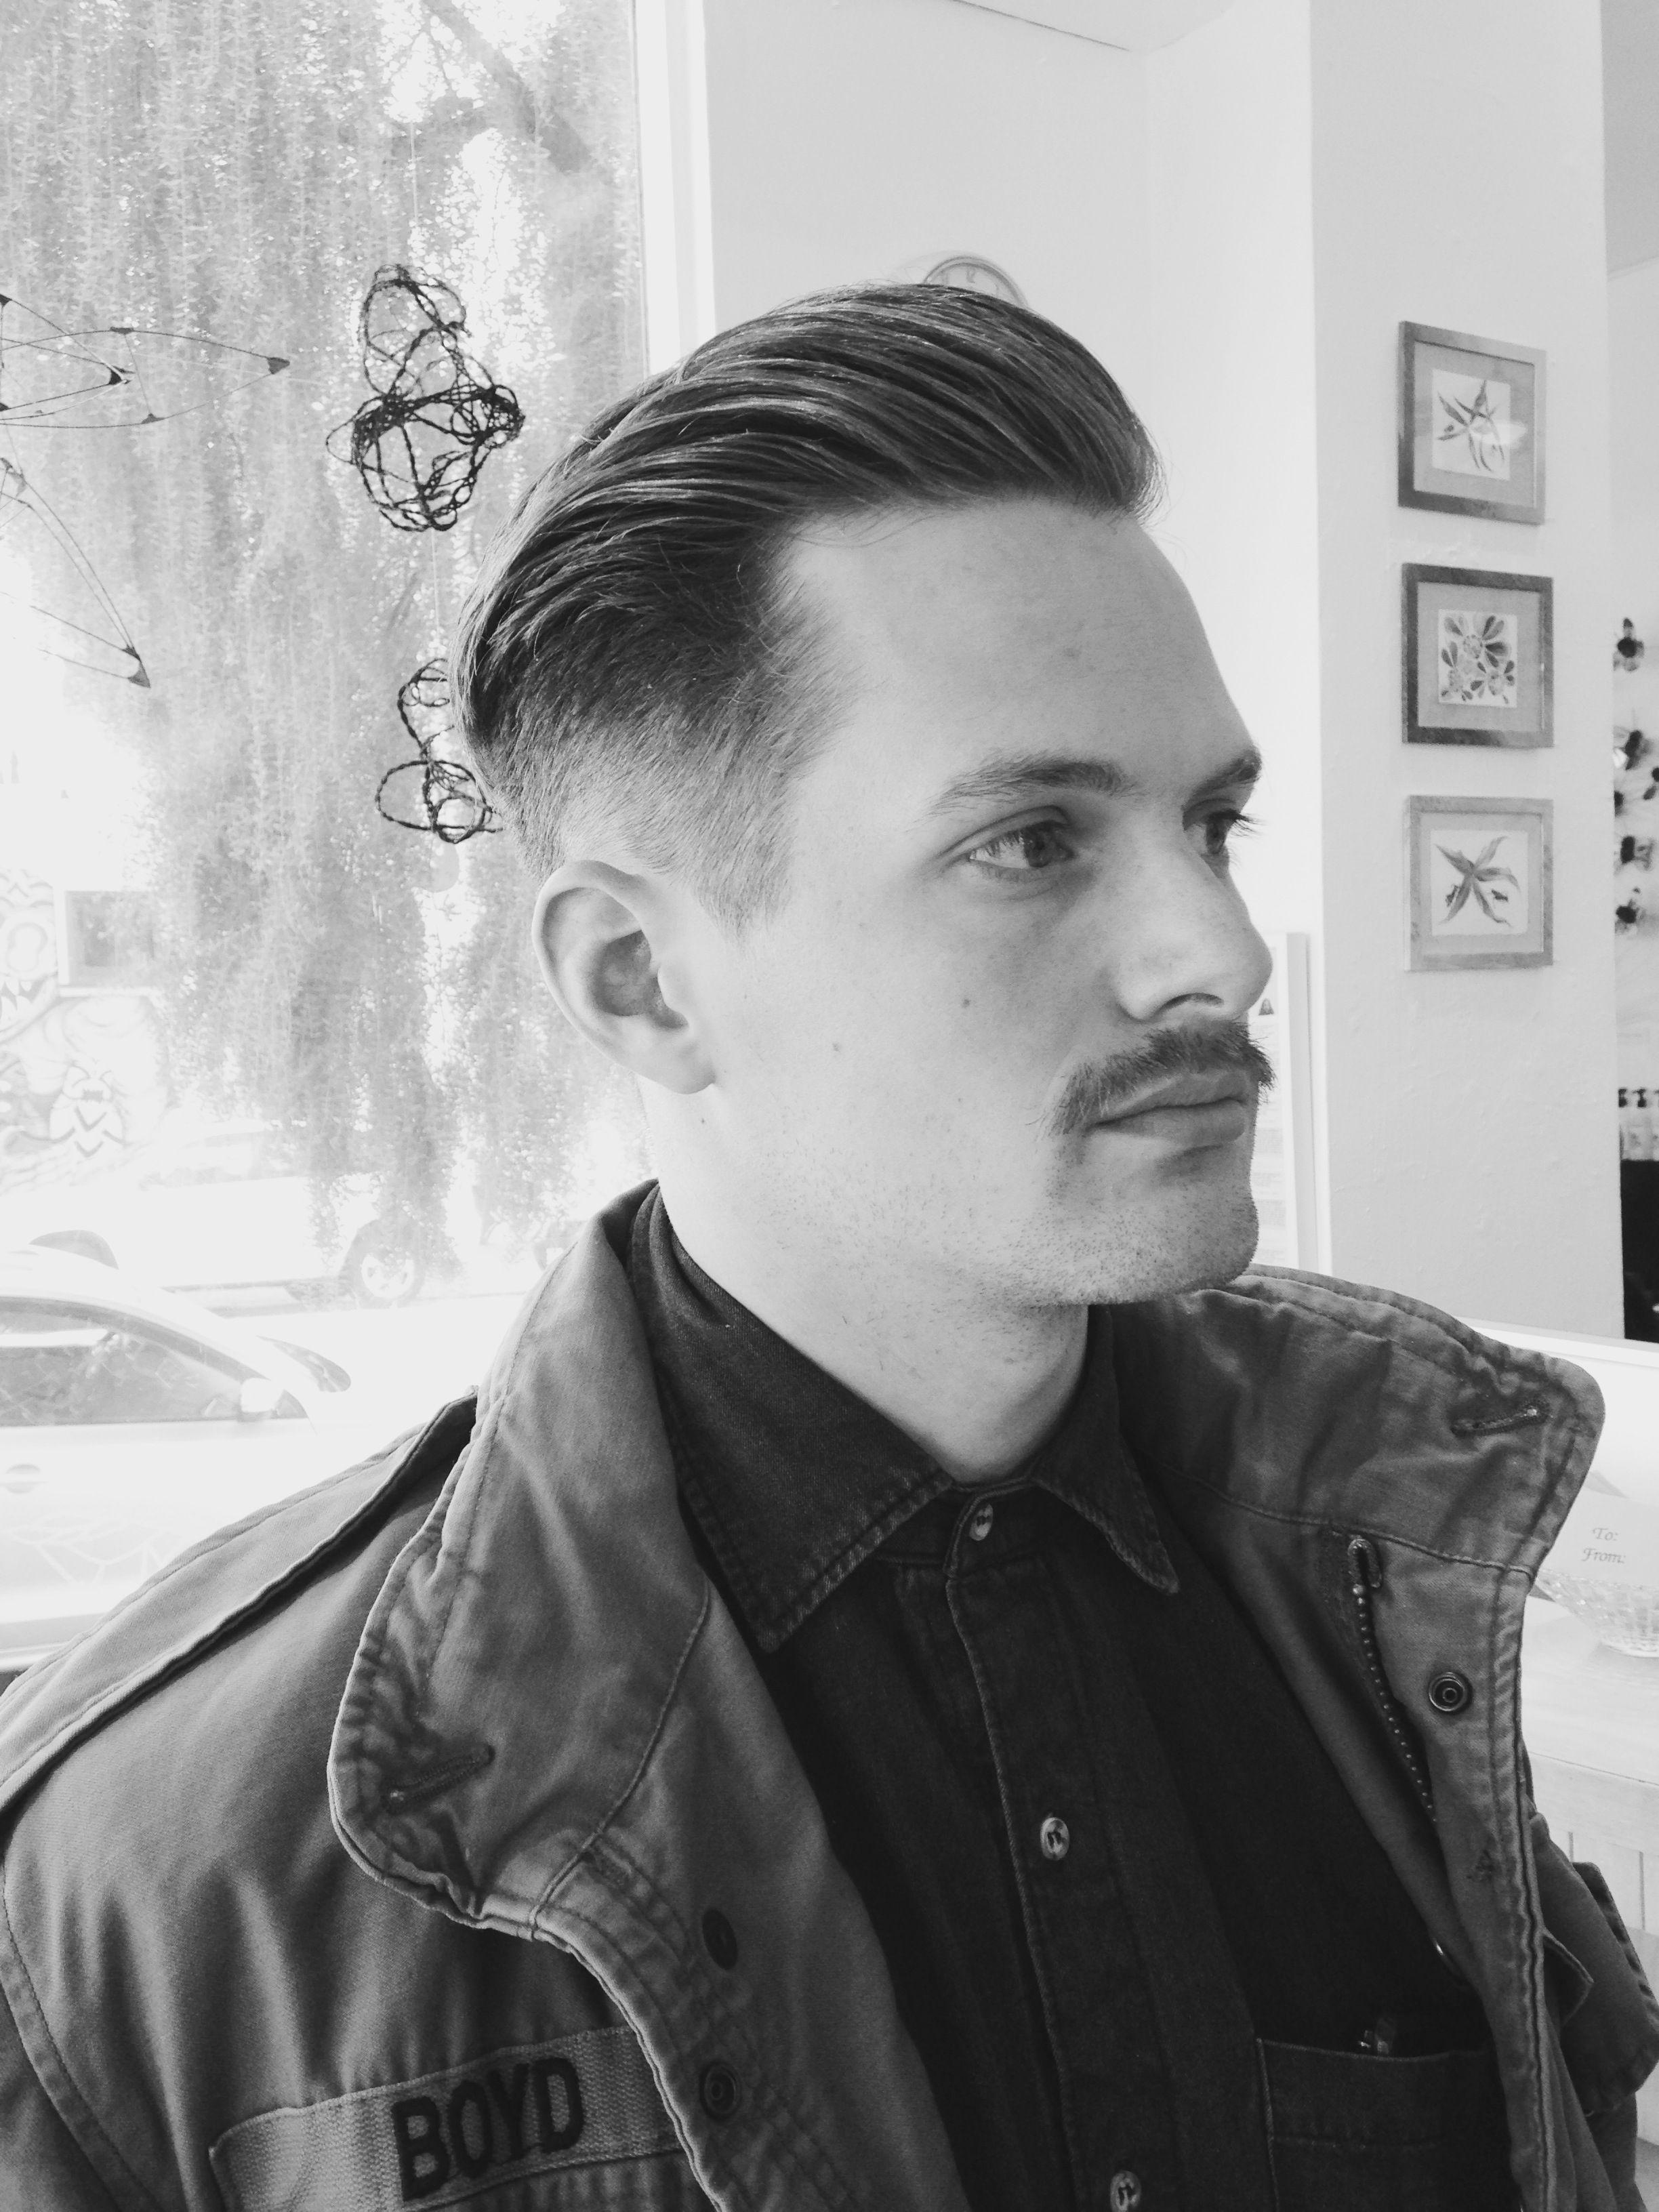 Dapper Mens Haircut By Seana Edo Salon San Francisco Hair Salon